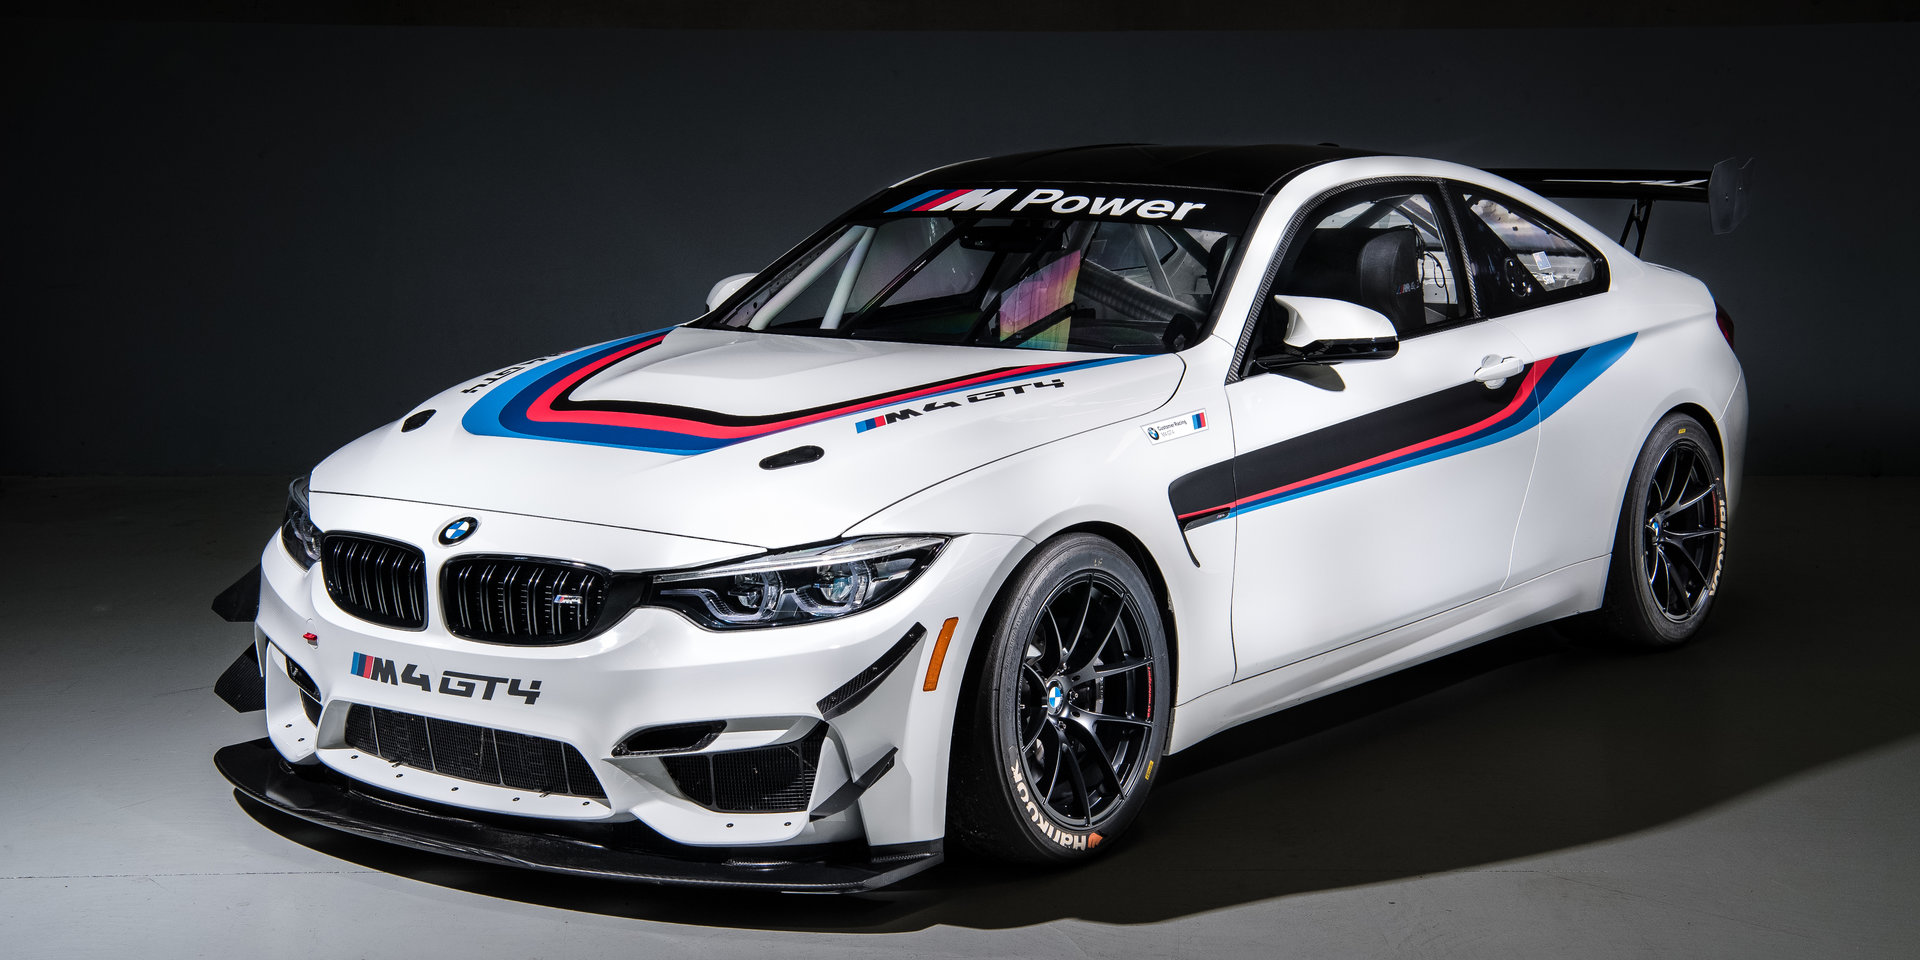 081217 BMWM4GT4 DKIMG HR027